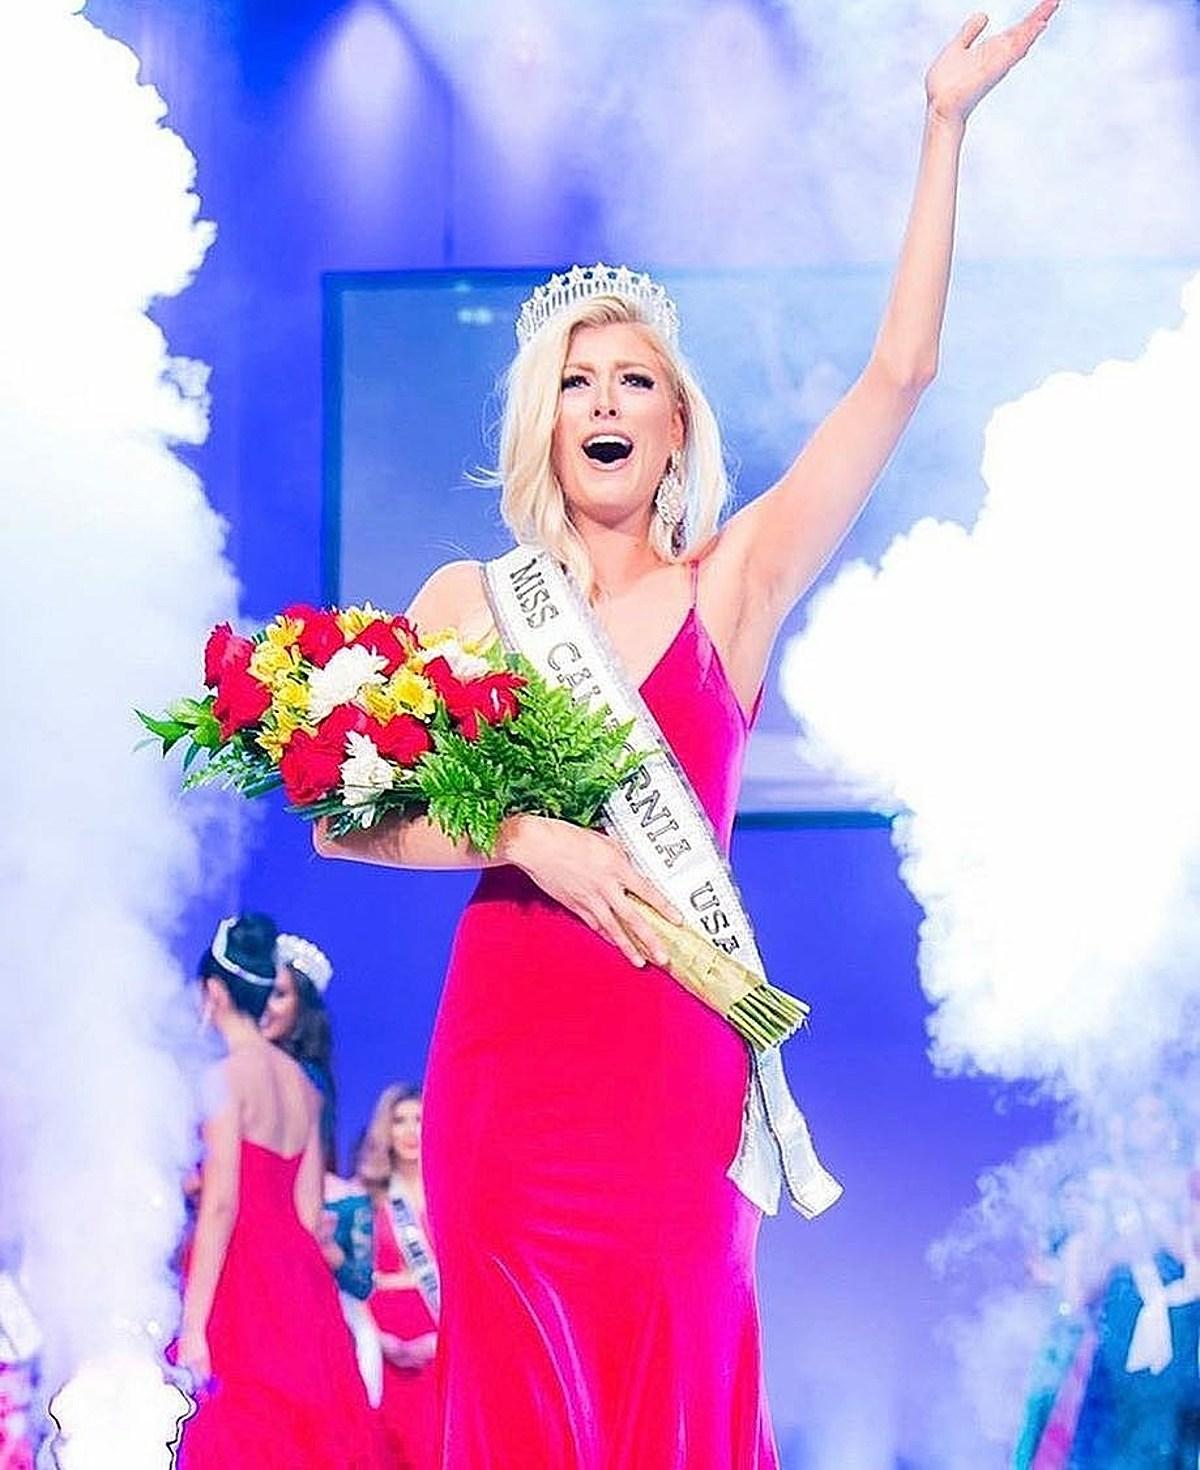 Featuring Miss Texas Jr. Teen!